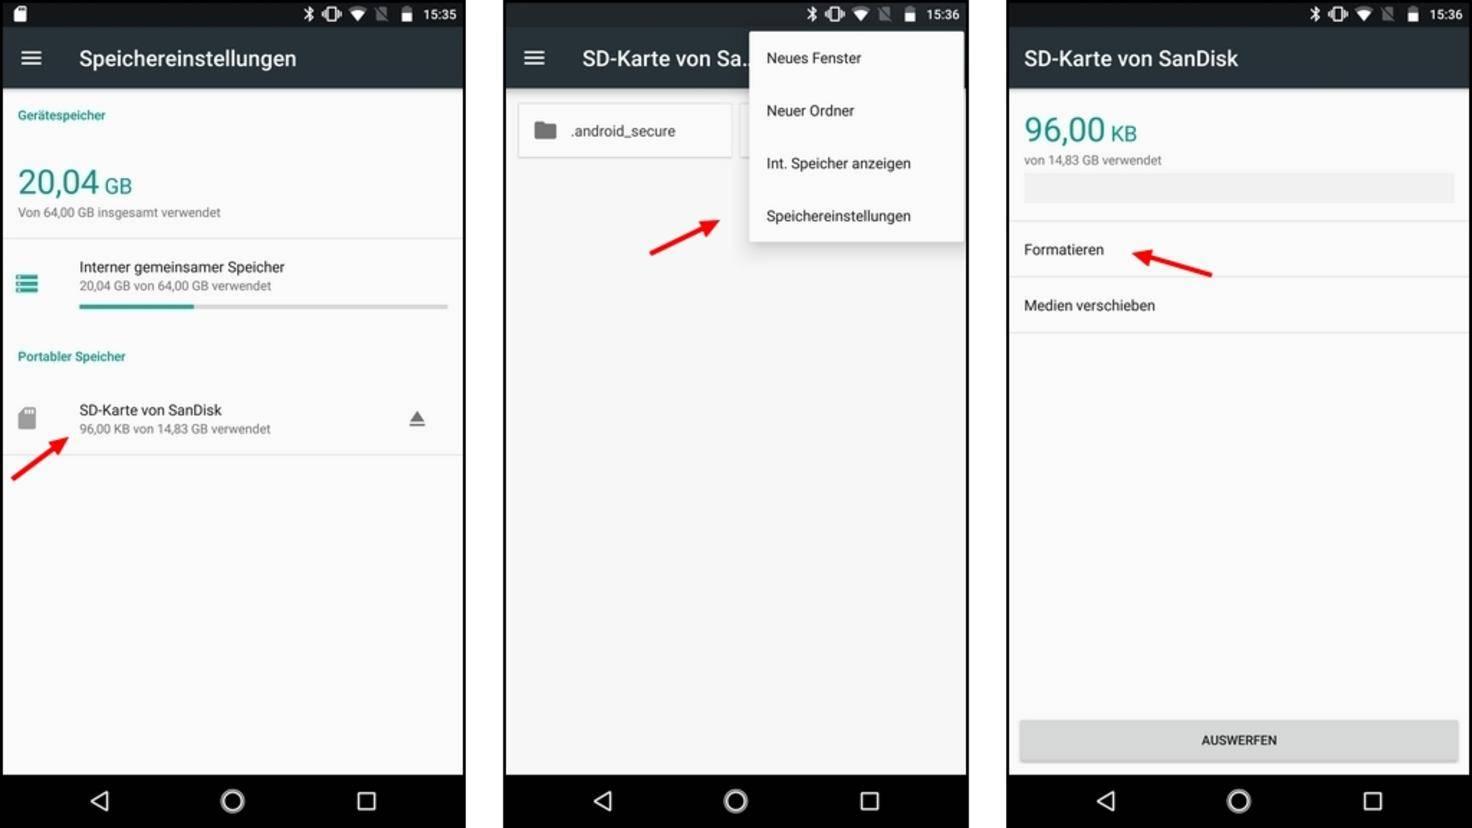 sd karte android In Android SD Karte formatieren: Welches Dateisystem verwenden?